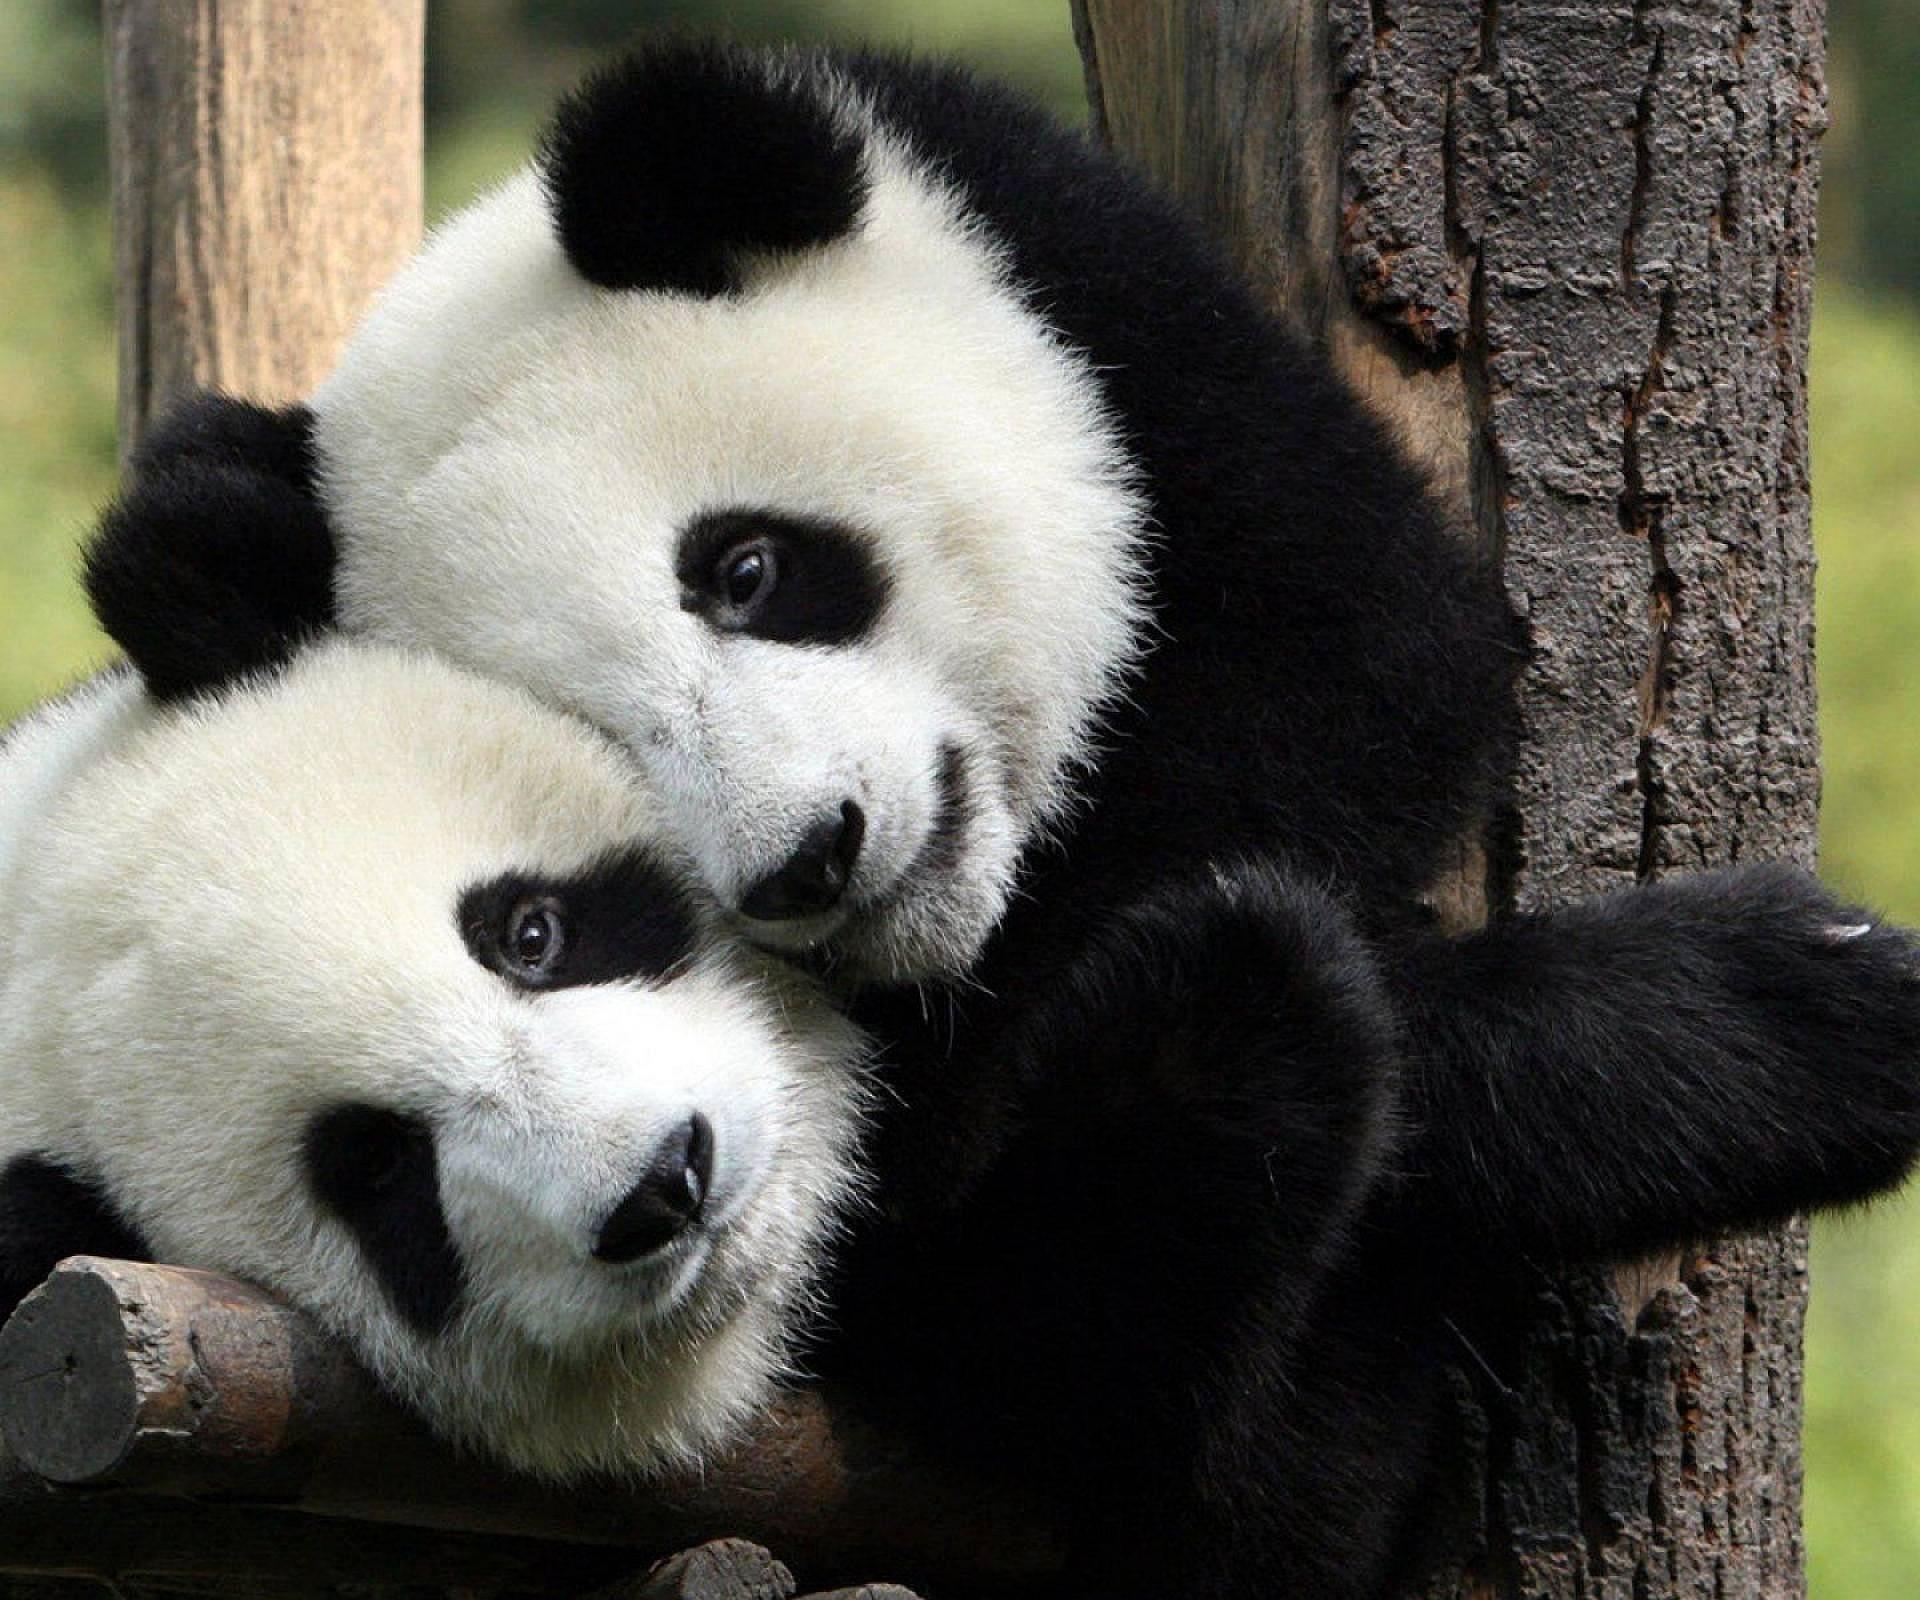 Danas je dan pandi: Još uvijek ih je oko 200 u zarobljeništvu